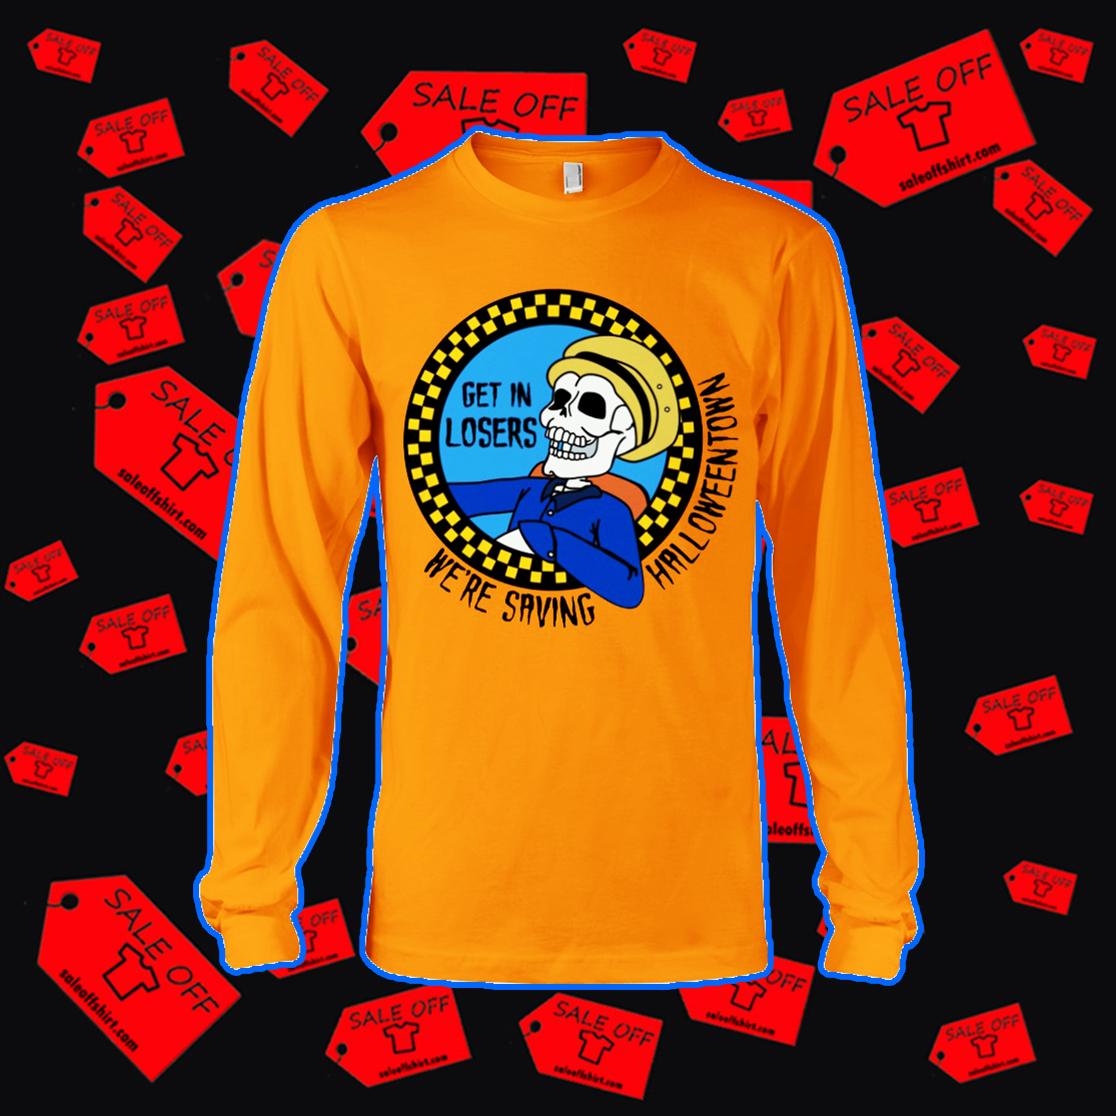 Get in losers we're saving halloweentown long sleeve tee